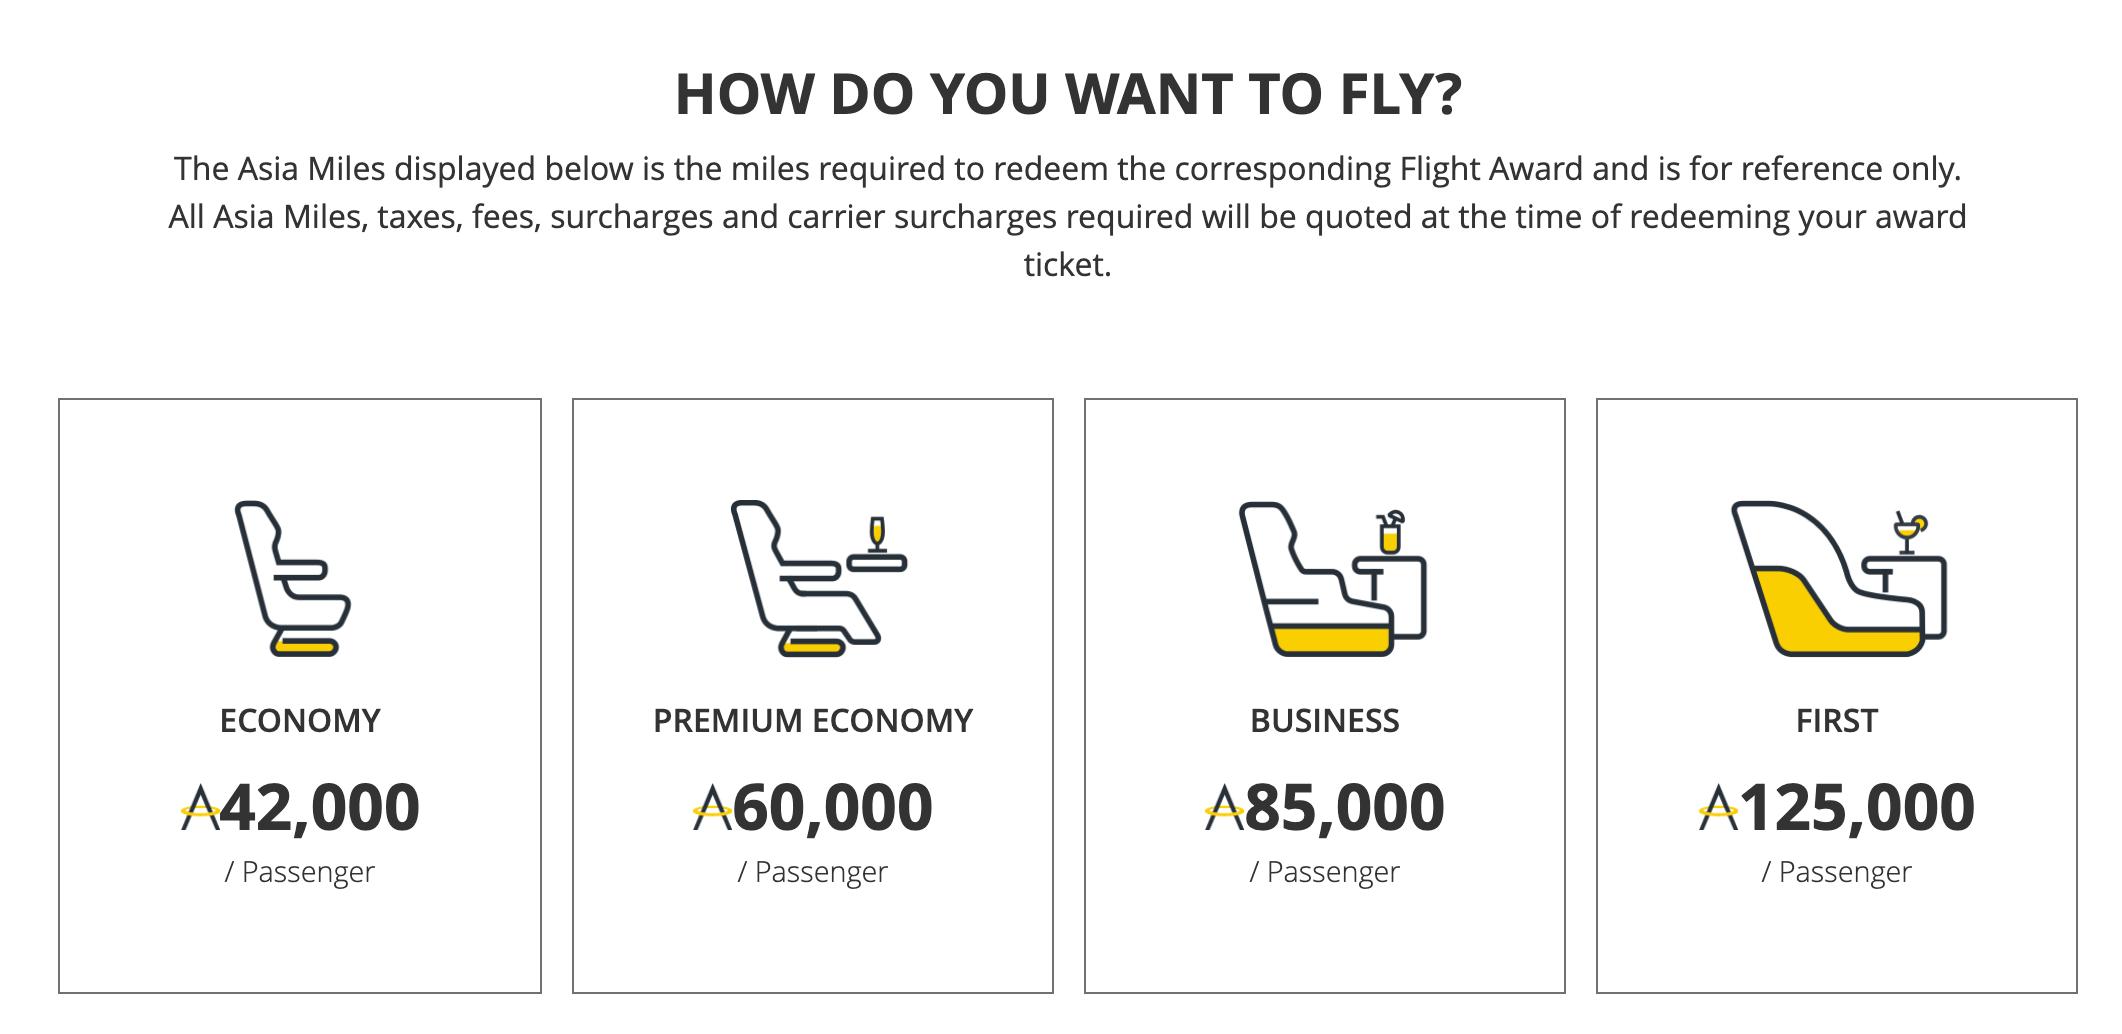 令人捉急的 Asia Miles(亞萬)里程票搜索引擎界面與解決辦法 - 美國信用卡指南